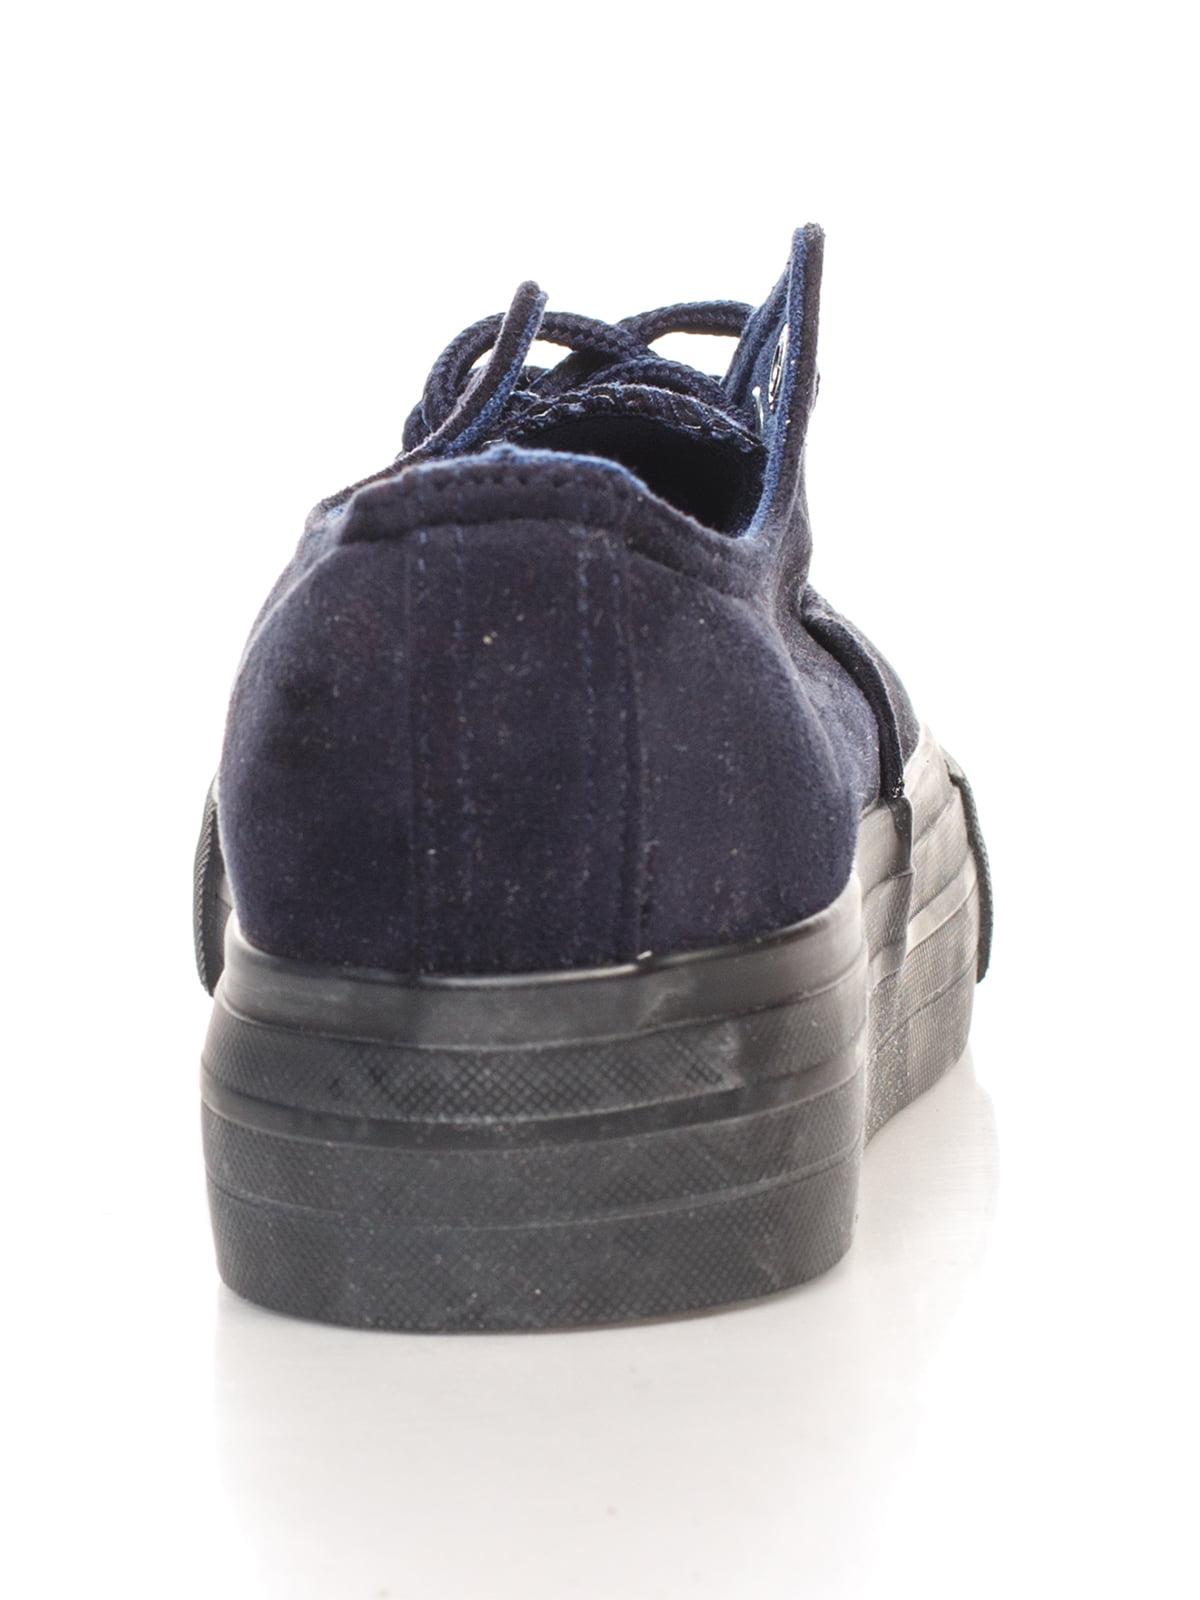 Кеды темно-синие | 4603071 | фото 3